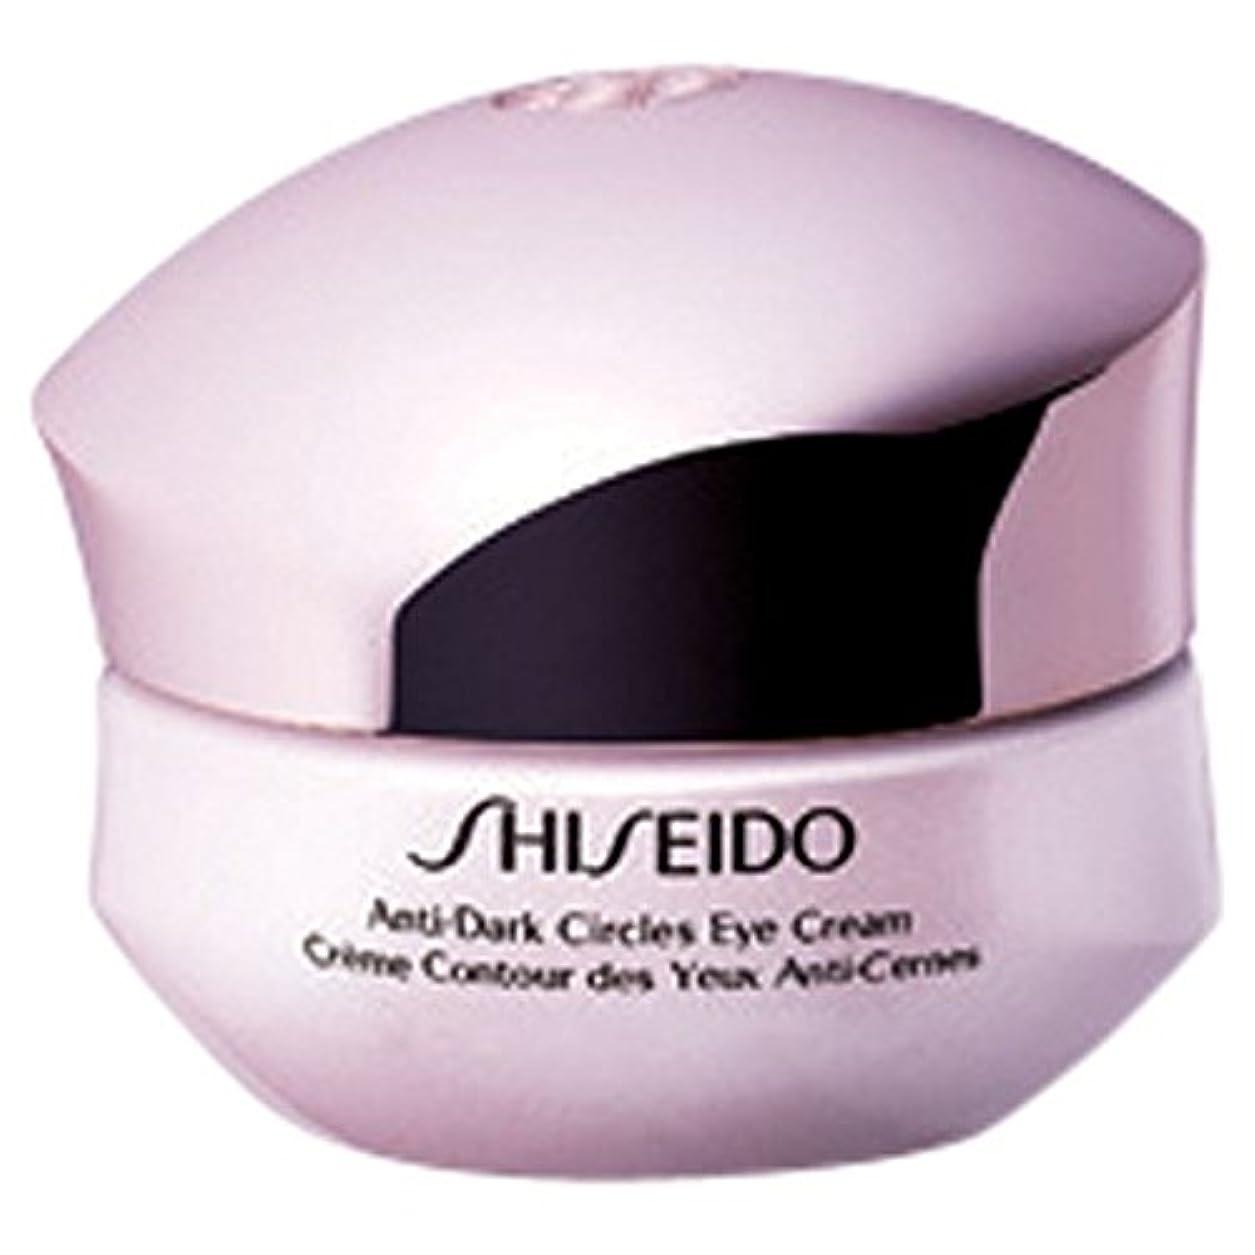 むしゃむしゃカラス衣服[Shiseido] 資生堂アンチダークサークルアイクリーム15Ml - Shiseido Anti-Dark Circle Eye Cream 15ml [並行輸入品]